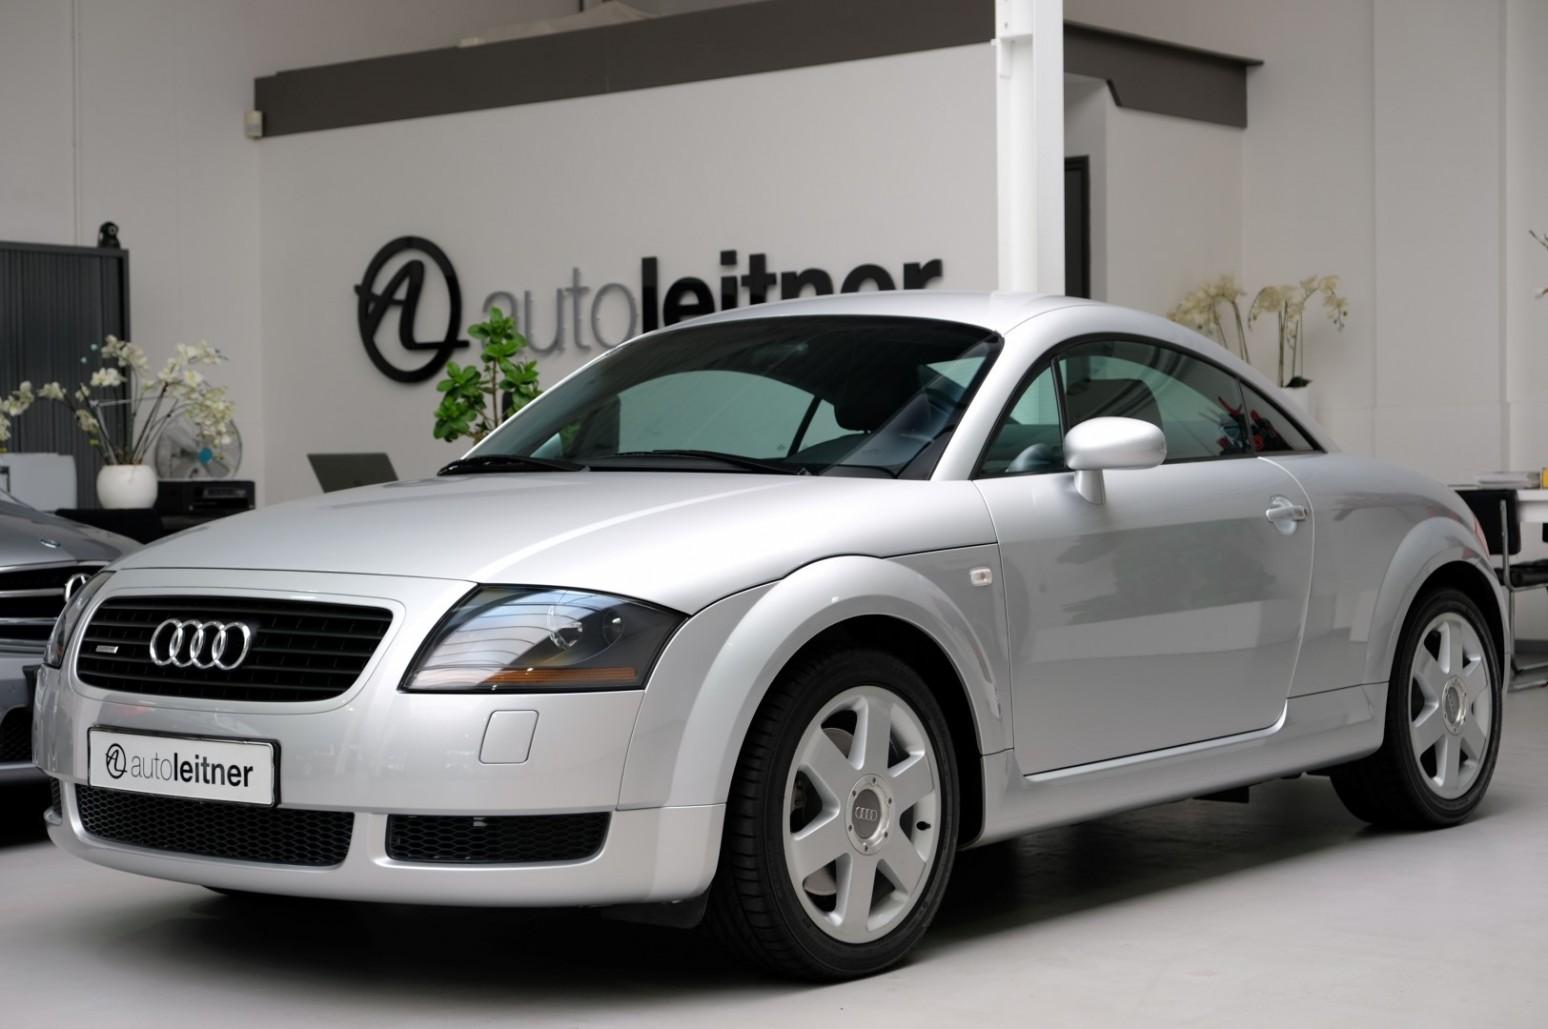 Kelebihan Kekurangan Audi Tt 1.8 Turbo Murah Berkualitas